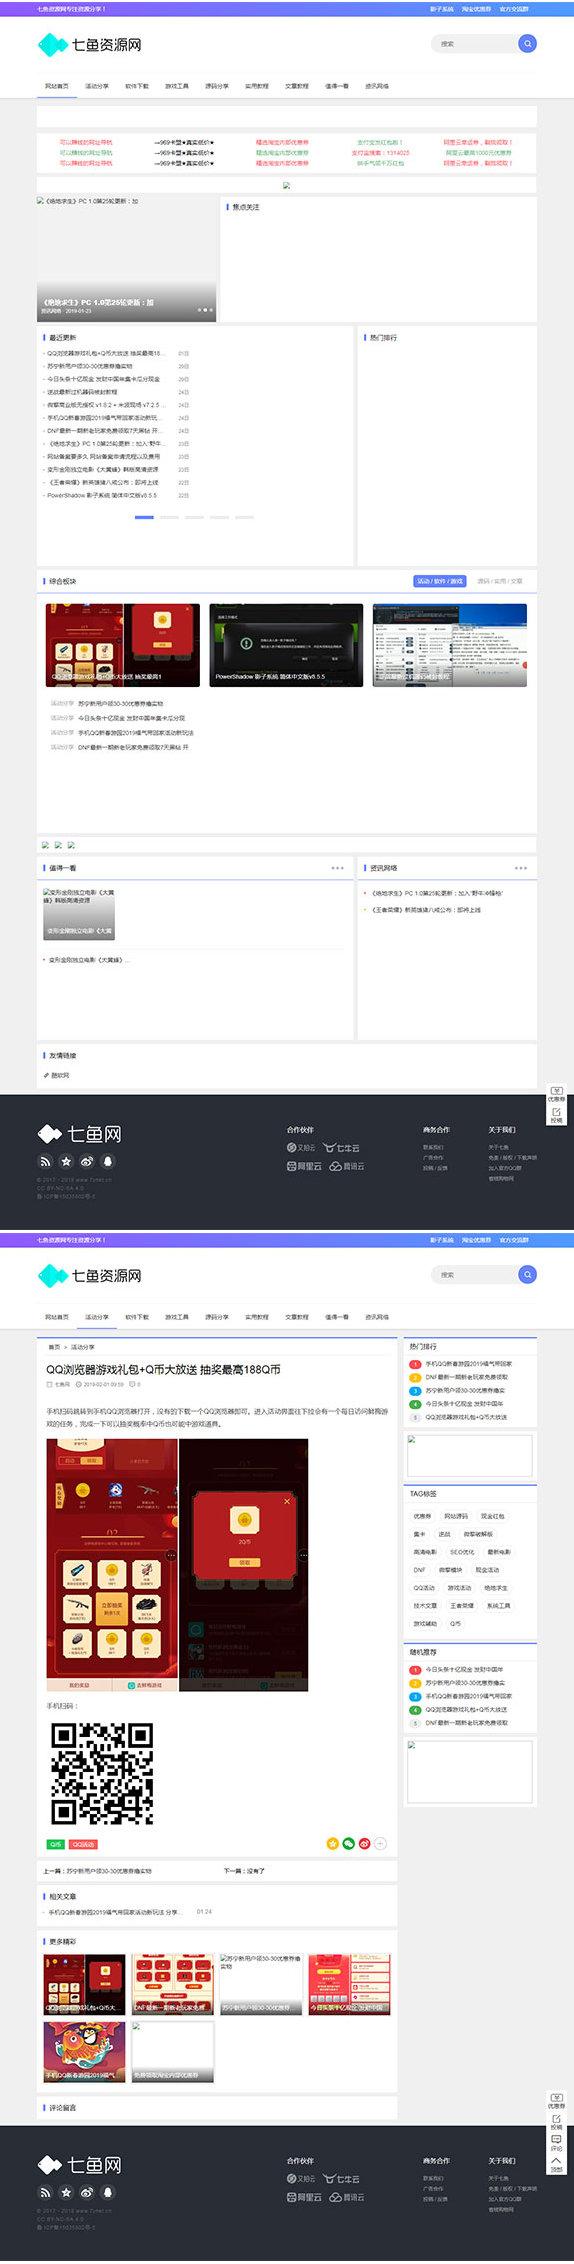 仿七鱼网 QQ娱乐资源网源码 织梦dedecms模板